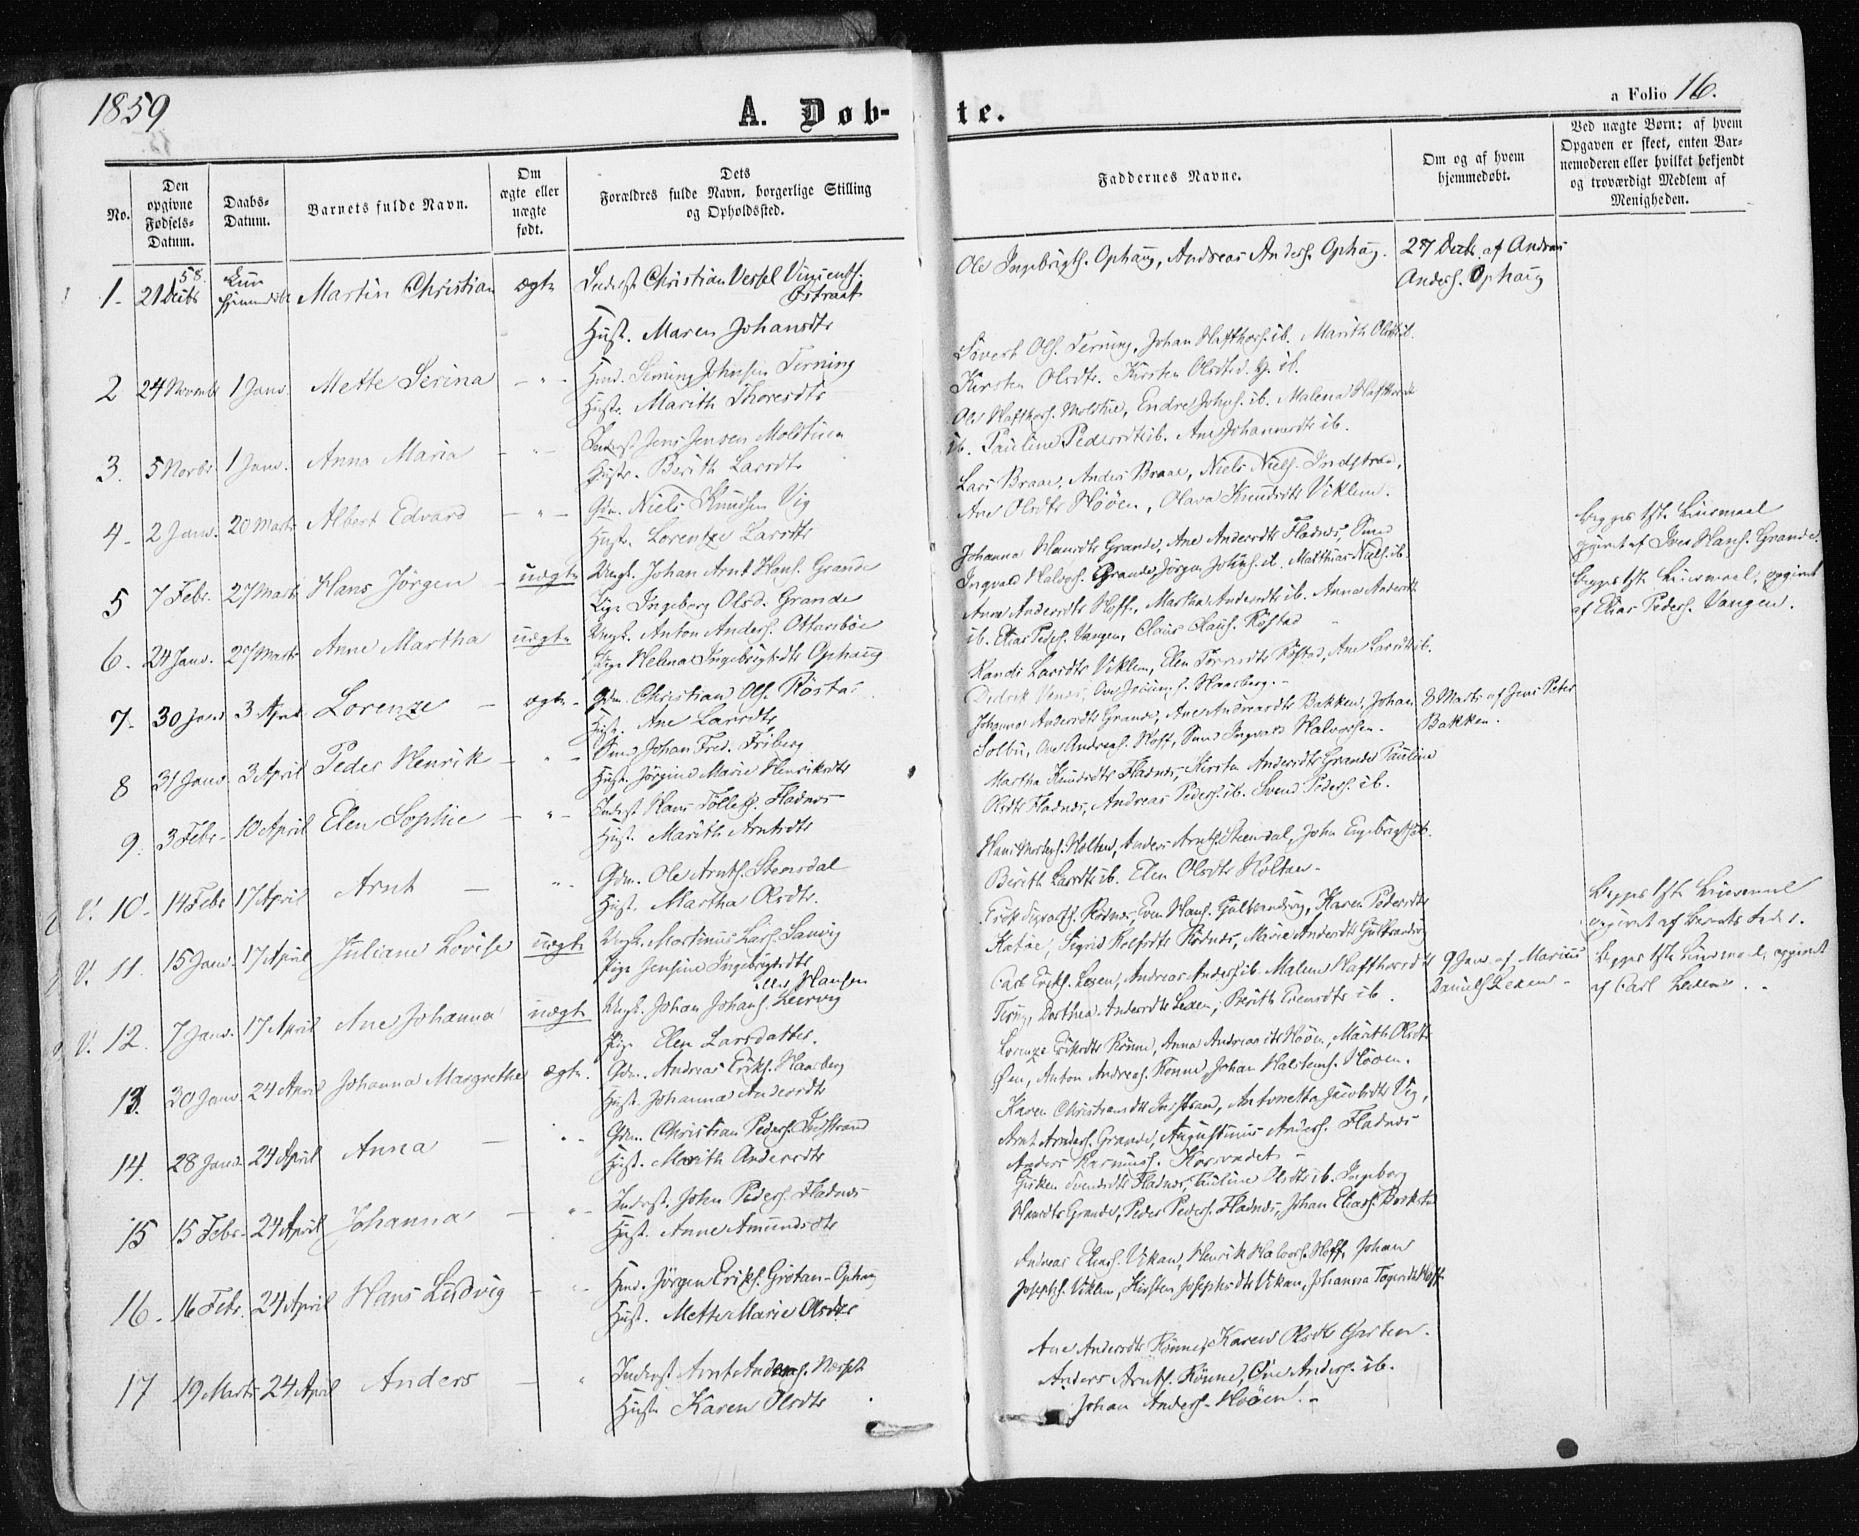 SAT, Ministerialprotokoller, klokkerbøker og fødselsregistre - Sør-Trøndelag, 659/L0737: Ministerialbok nr. 659A07, 1857-1875, s. 16